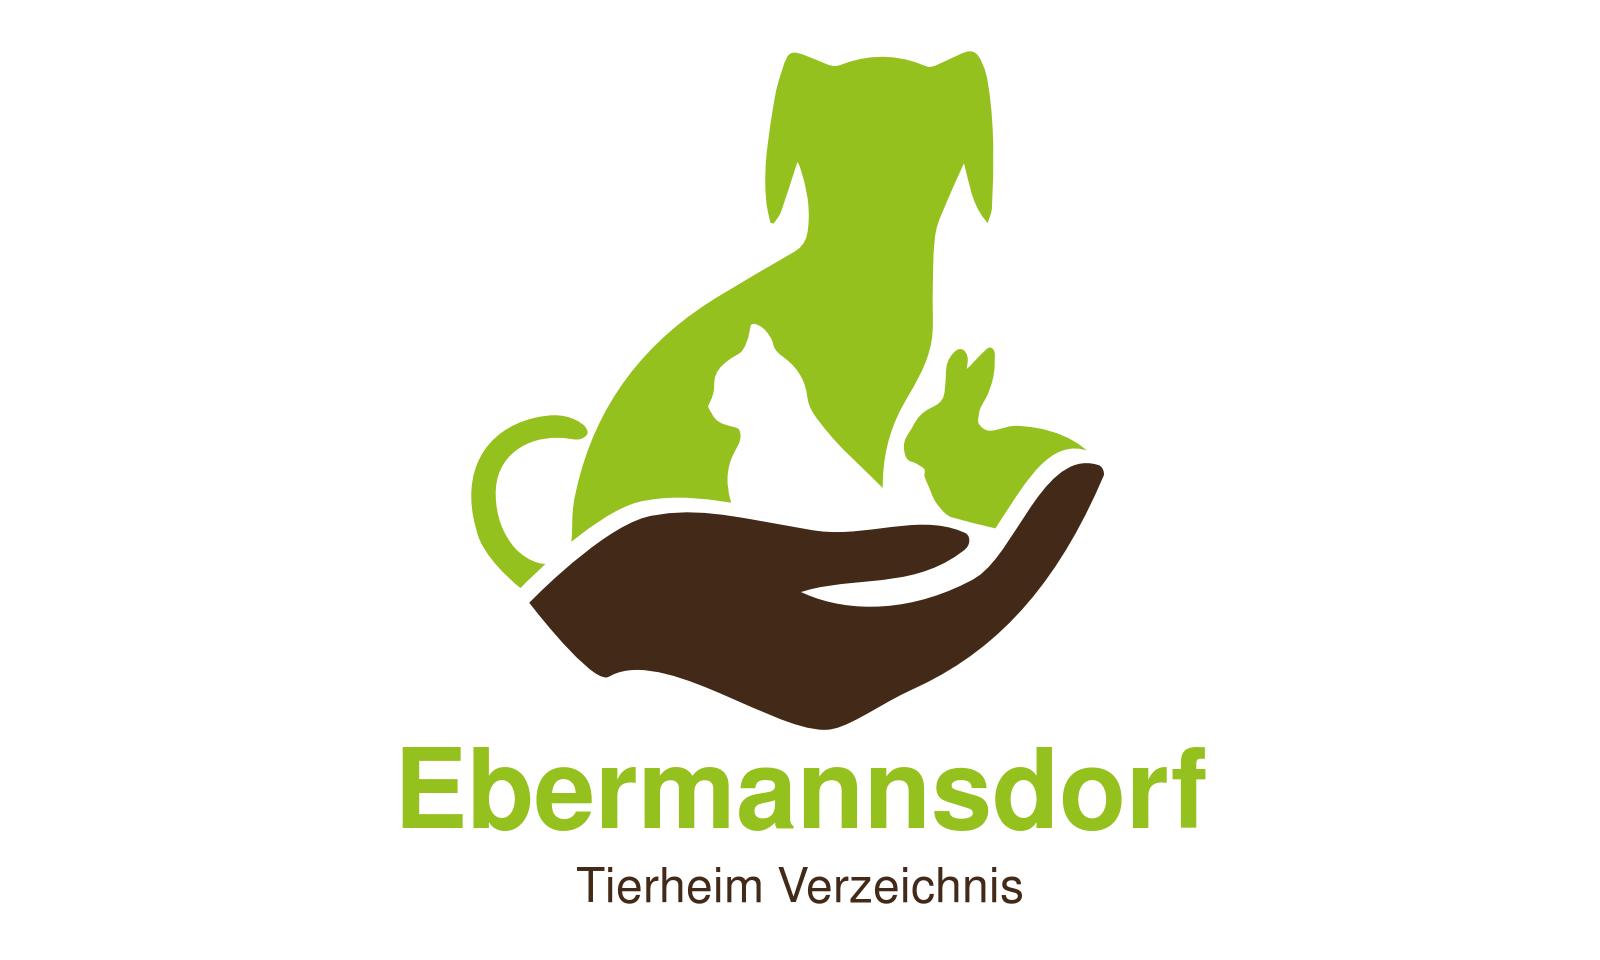 Tierheim Ebermannsdorf